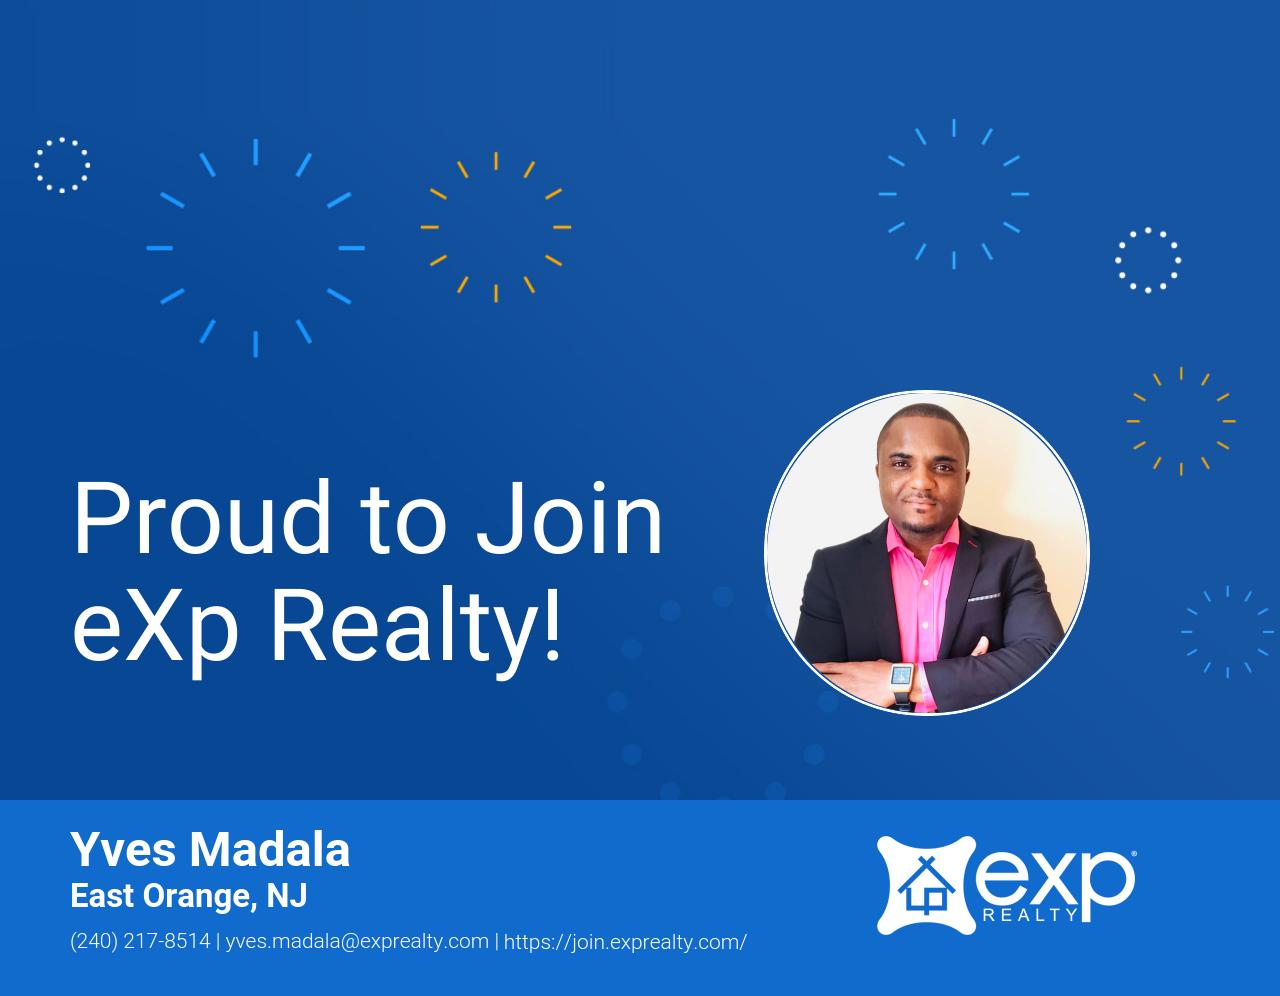 eXp Realty Welcomes Yves Madala!